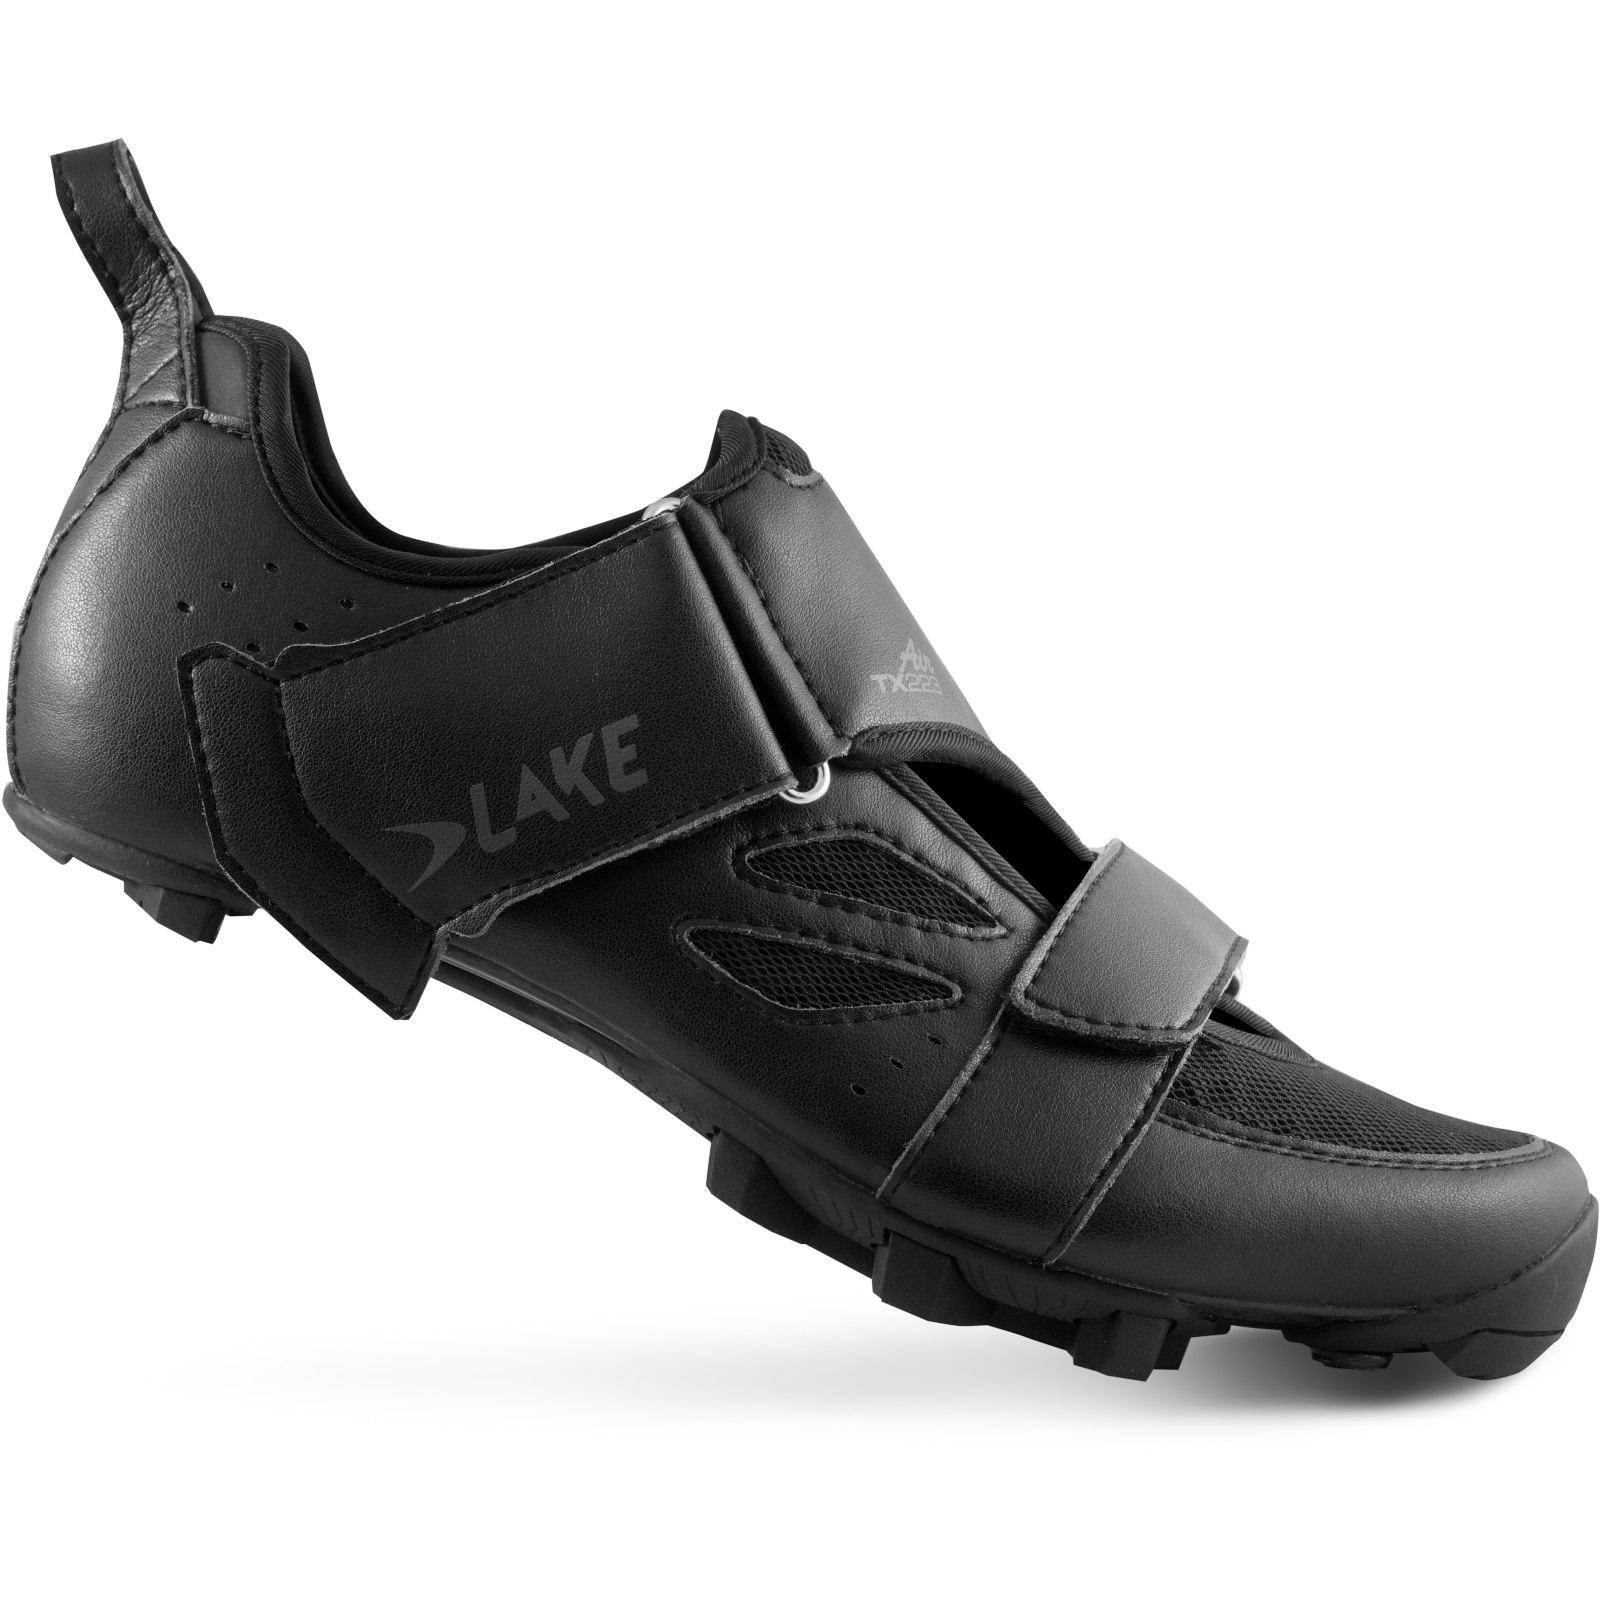 LAKE TX 223 XT